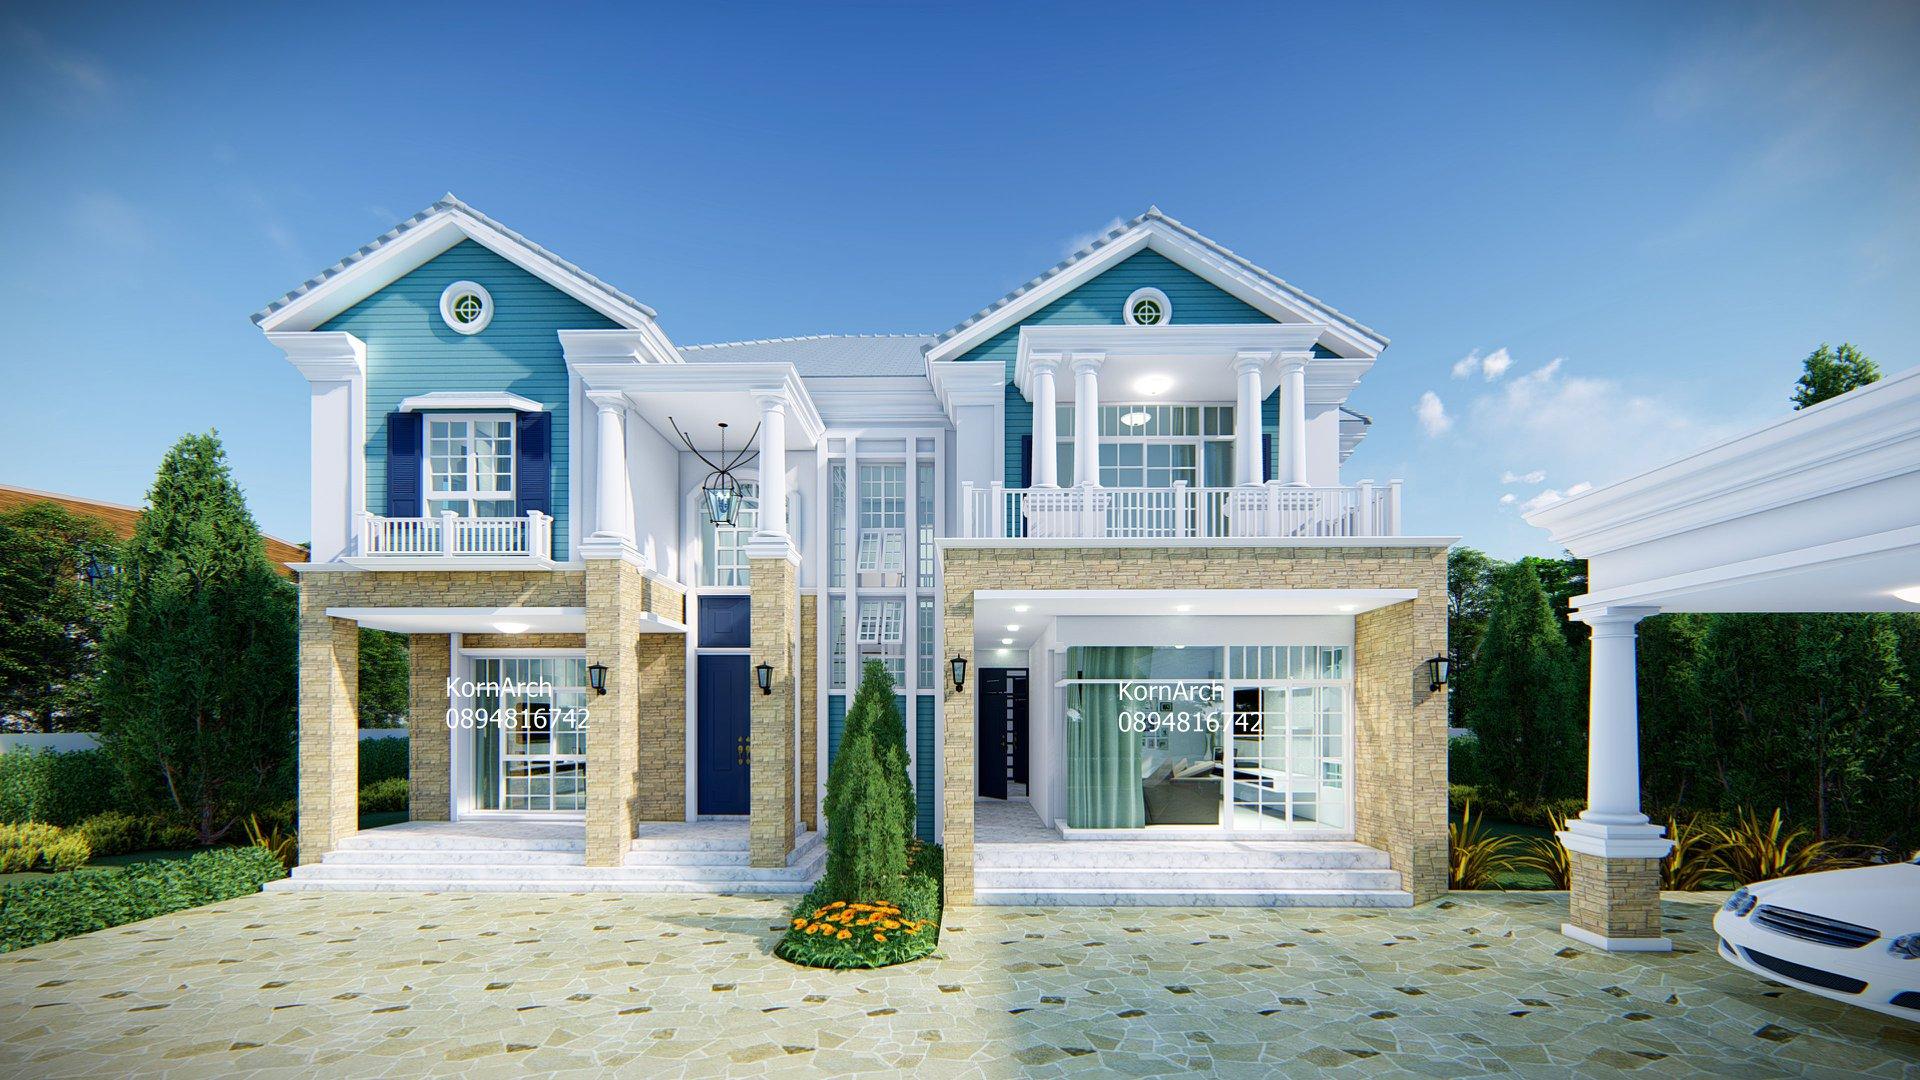 แบบบ้าน2ชั้น American luxury style เจ้าของอาคาร คุณสิทธ์ สถานที่ก่อสร้าง แม่สาย จ.เชียงราย